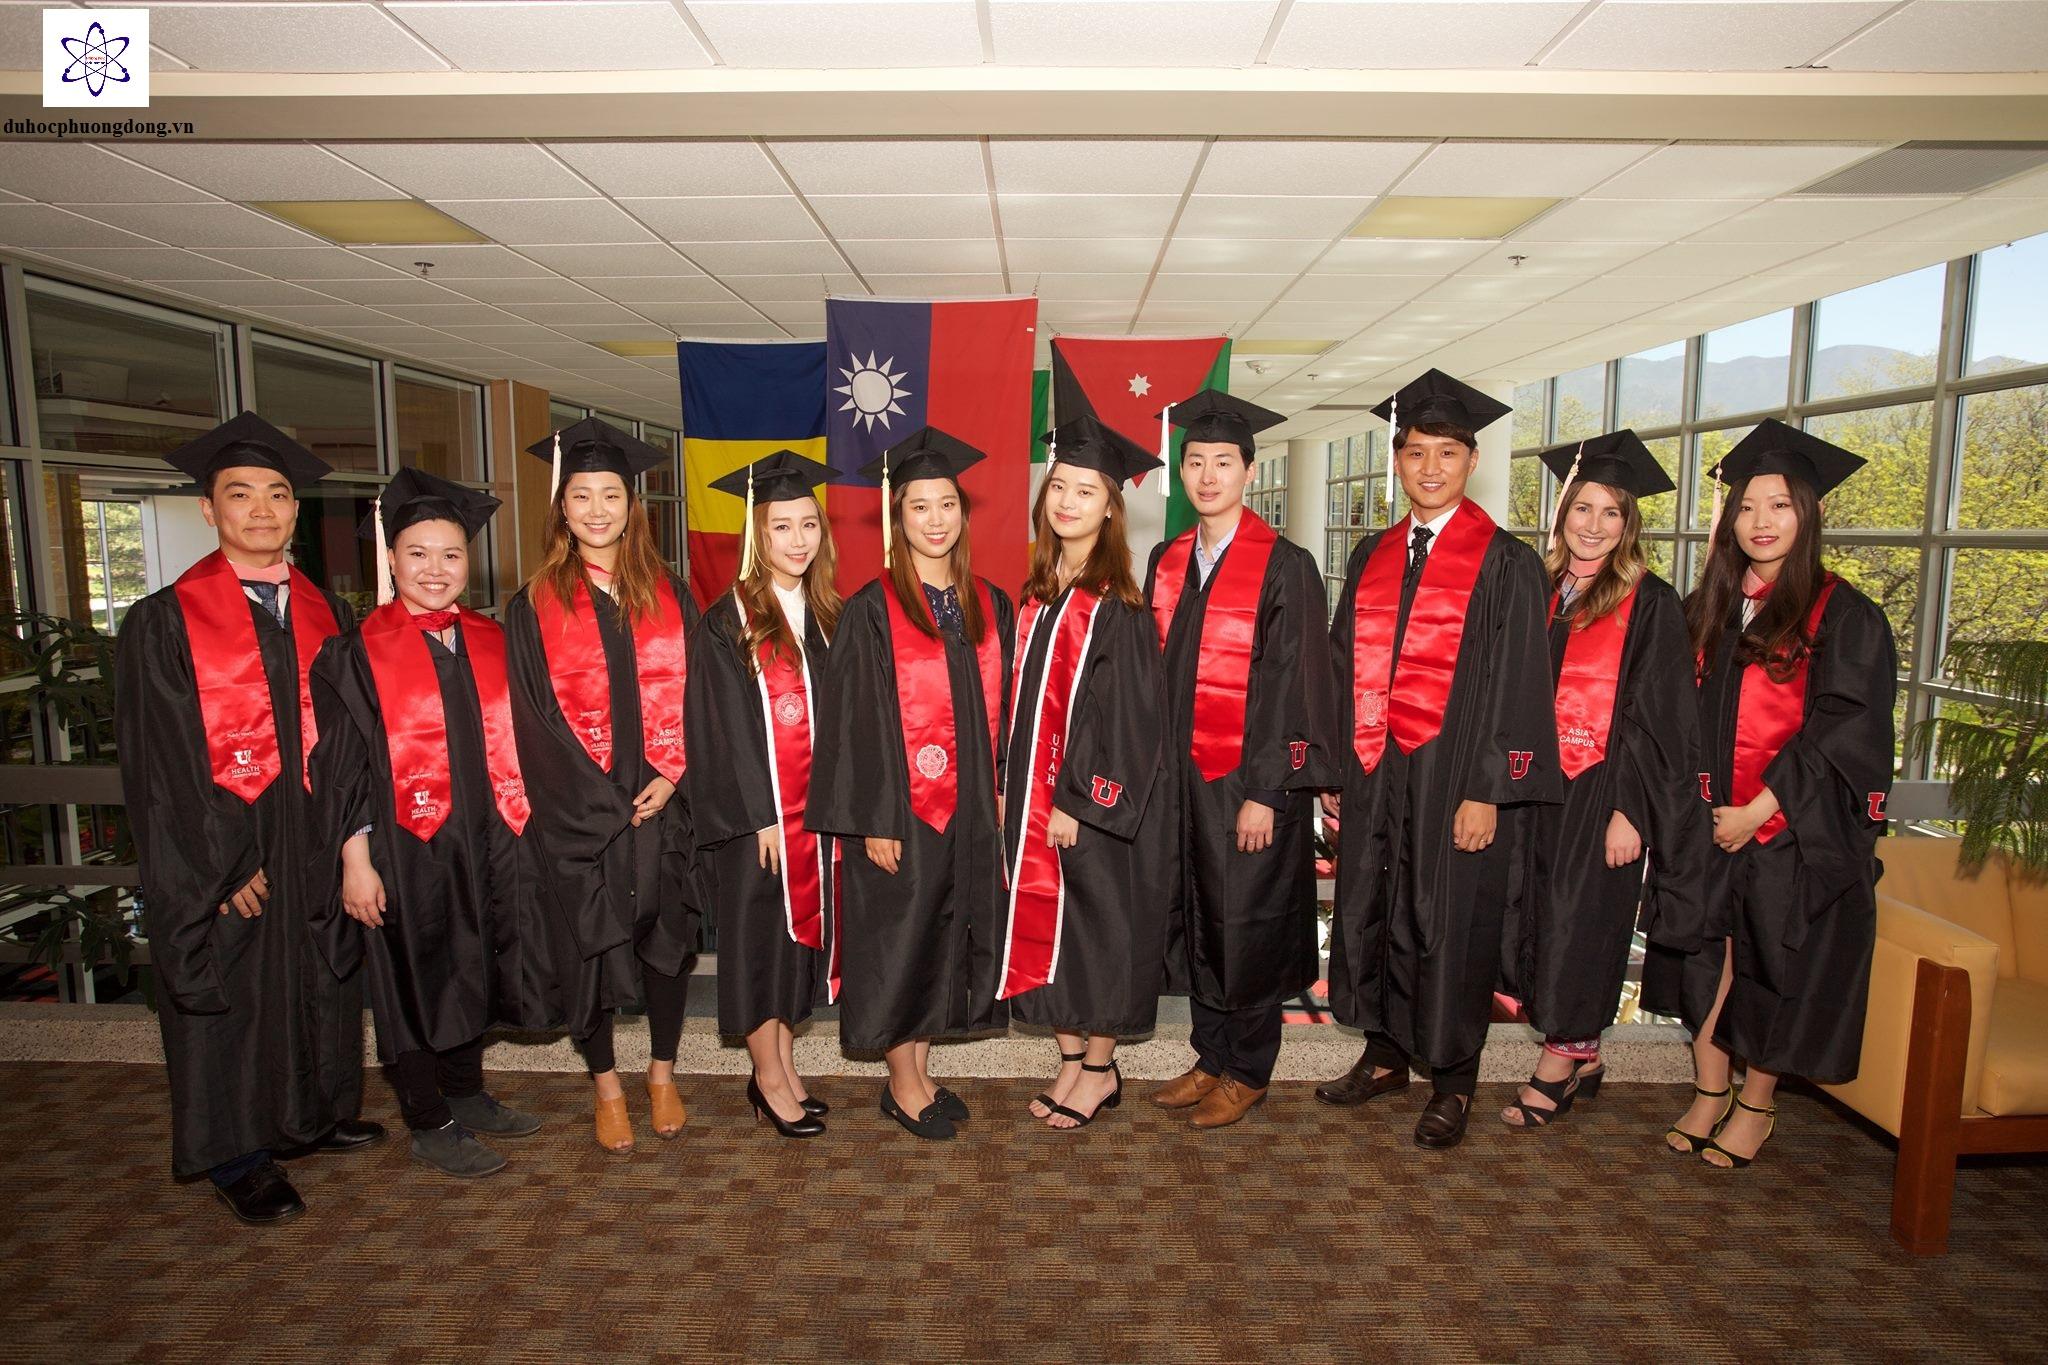 Thông báo tuyển sinh tại Trường The University of Utah Asia Campus Hàn Quốc